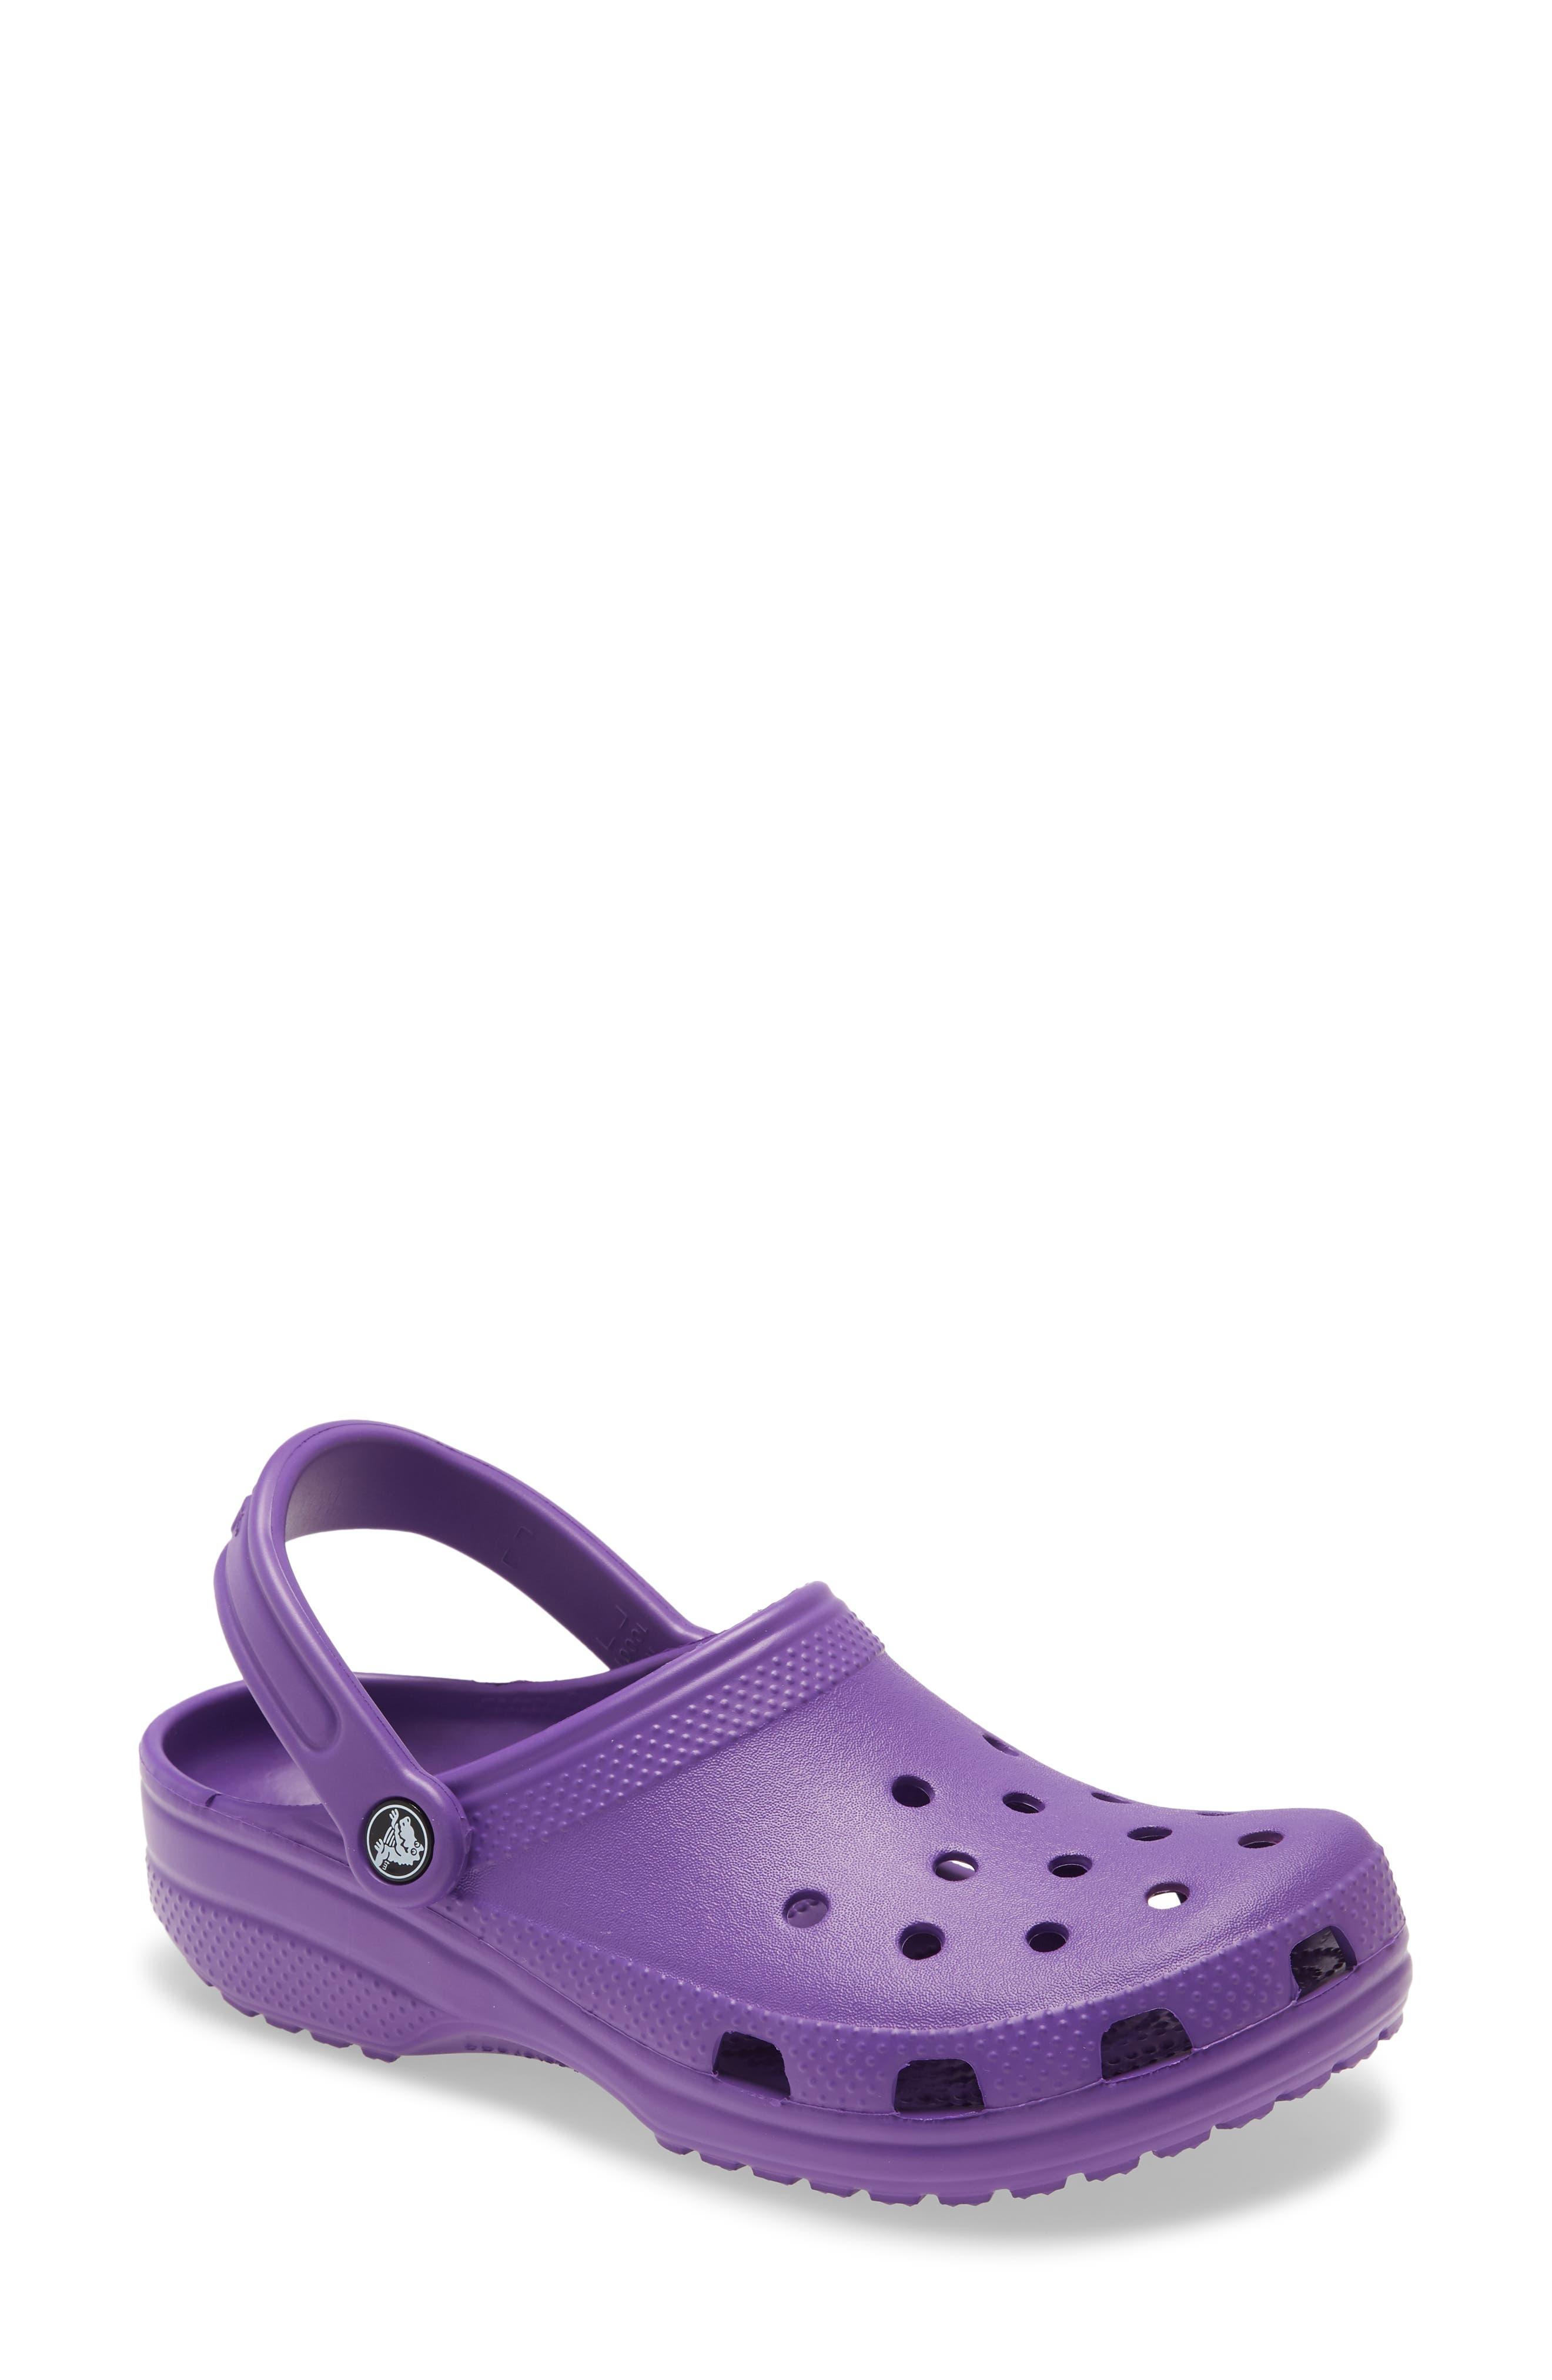 Men's Purple Shoes | Nordstrom